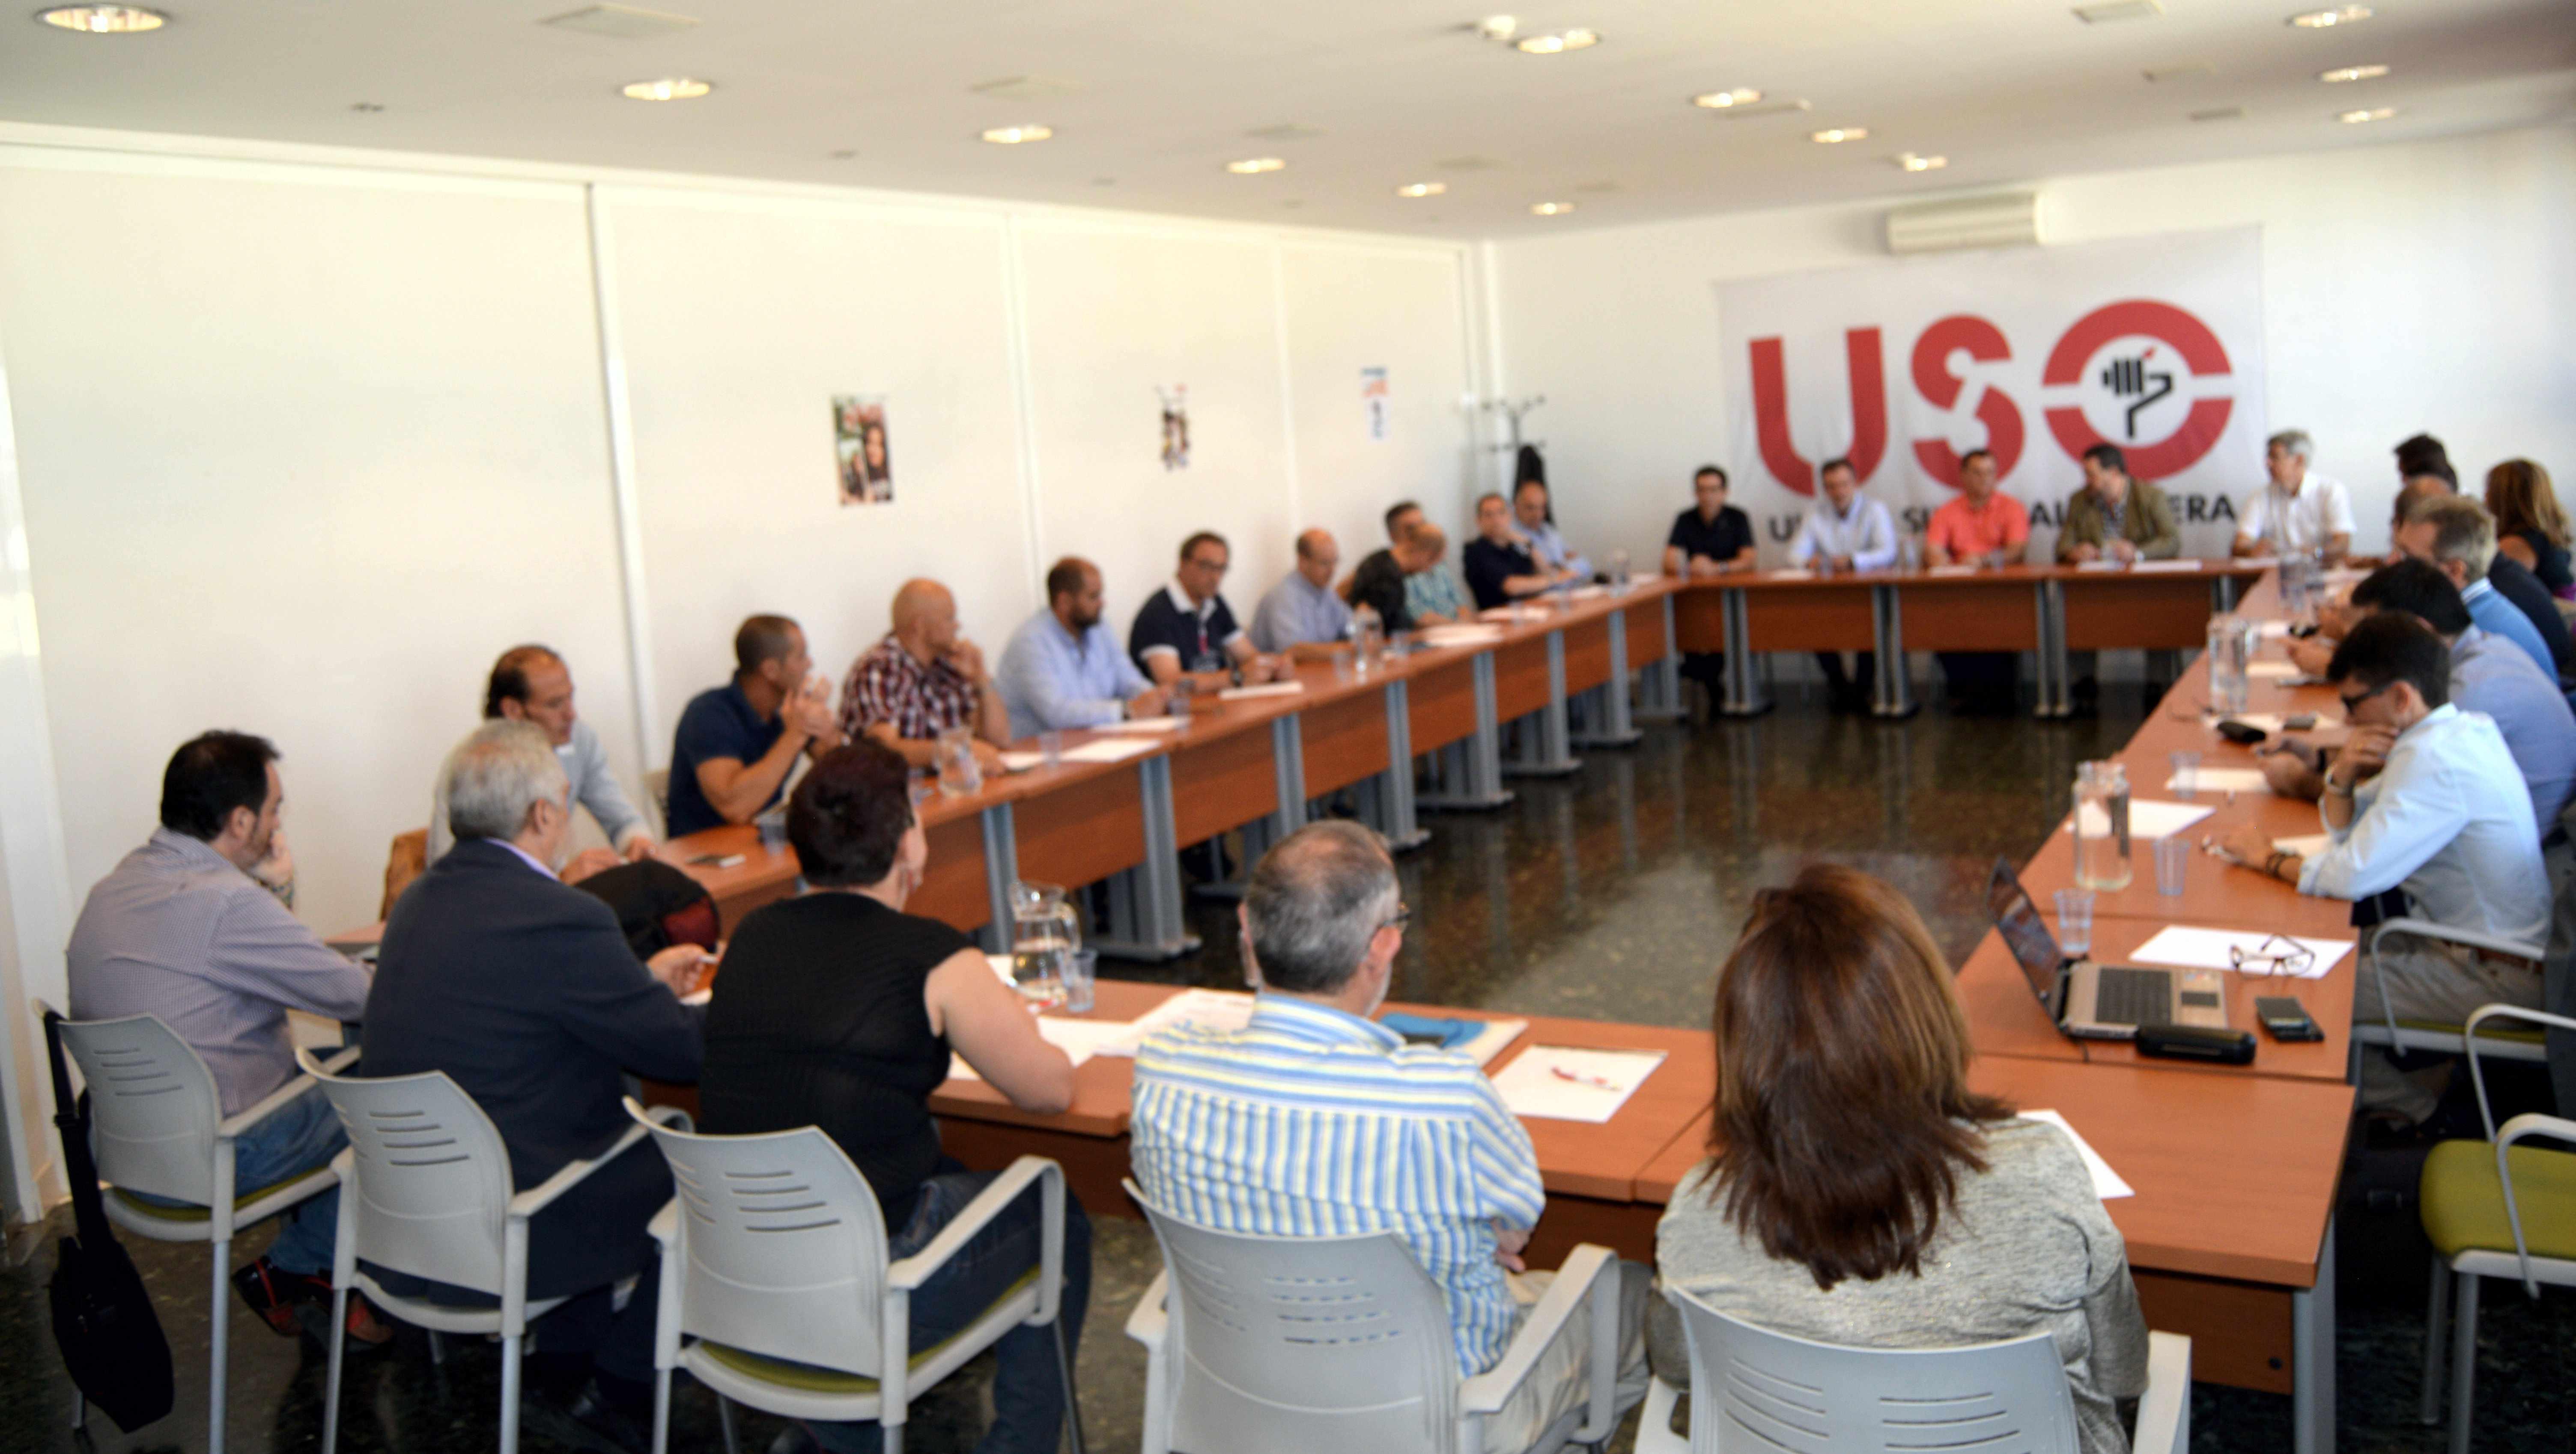 20161006 firma convenio sitel madrid reuni n delegados uso for Convenio oficinas y despachos madrid 2016